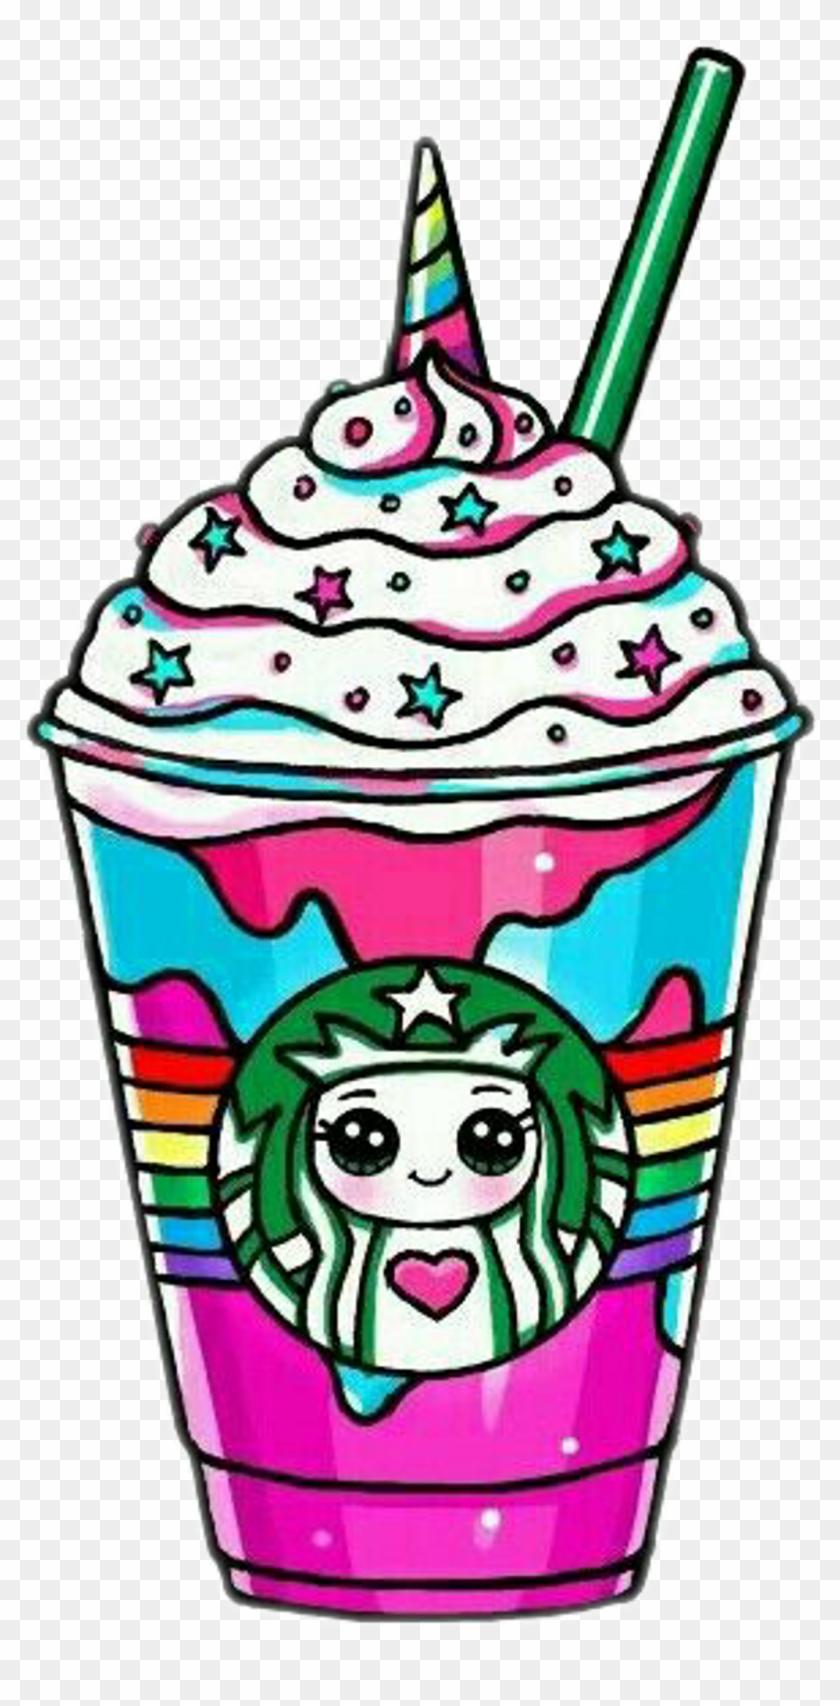 Starbucks Unicornstarbucks Unicorn Rainbow Drawsocute - Cute Kawaii Starbucks Unicorn #1391170